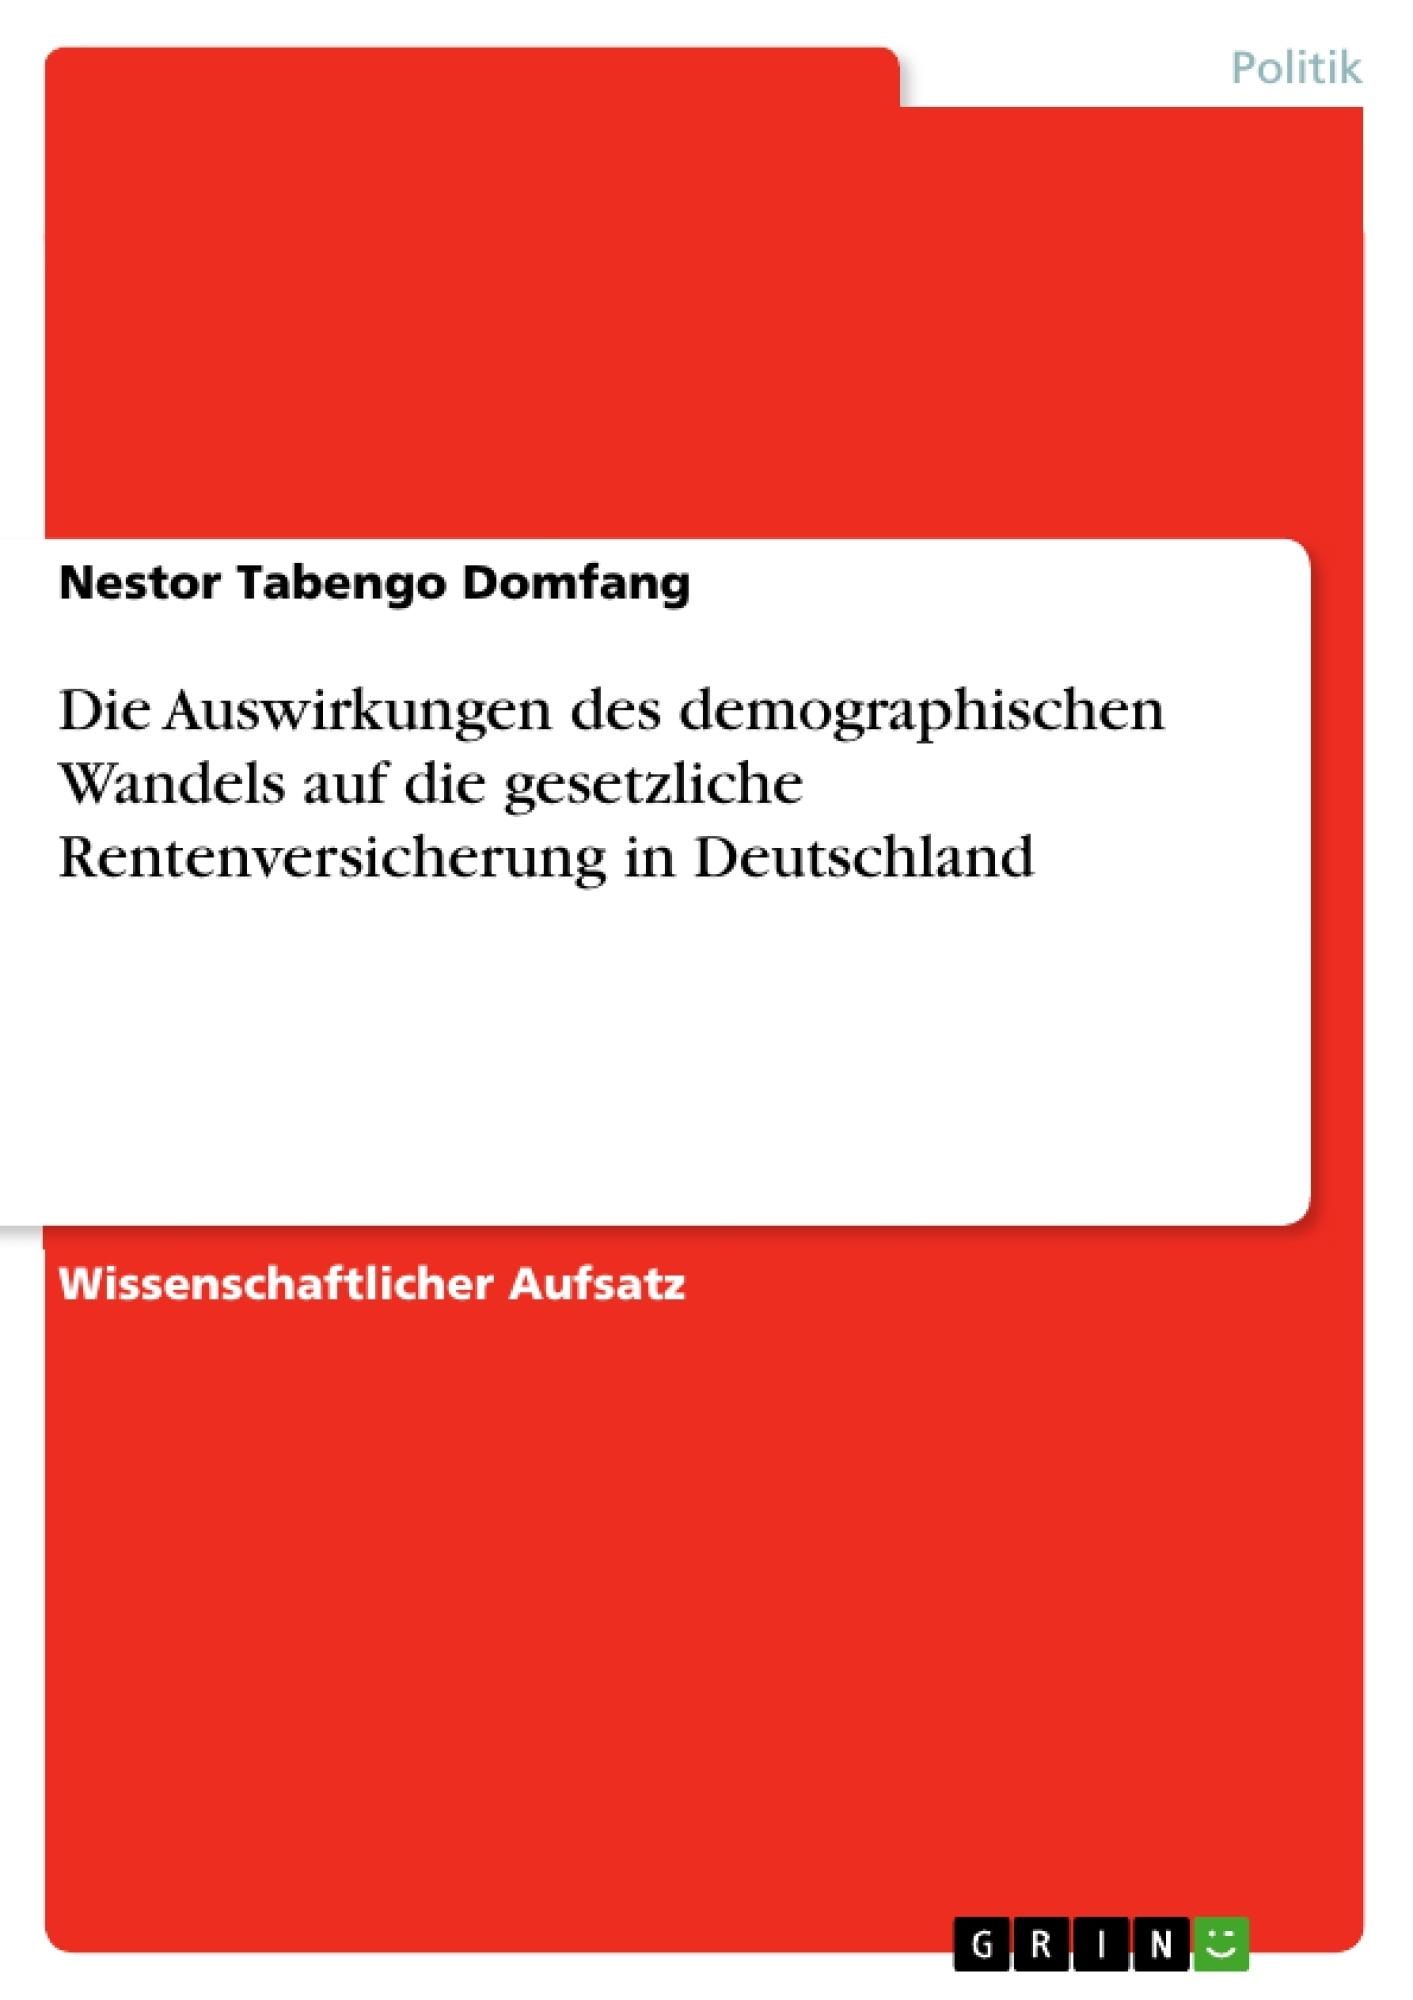 Titel: Die Auswirkungen des demographischen Wandels auf die gesetzliche Rentenversicherung in Deutschland